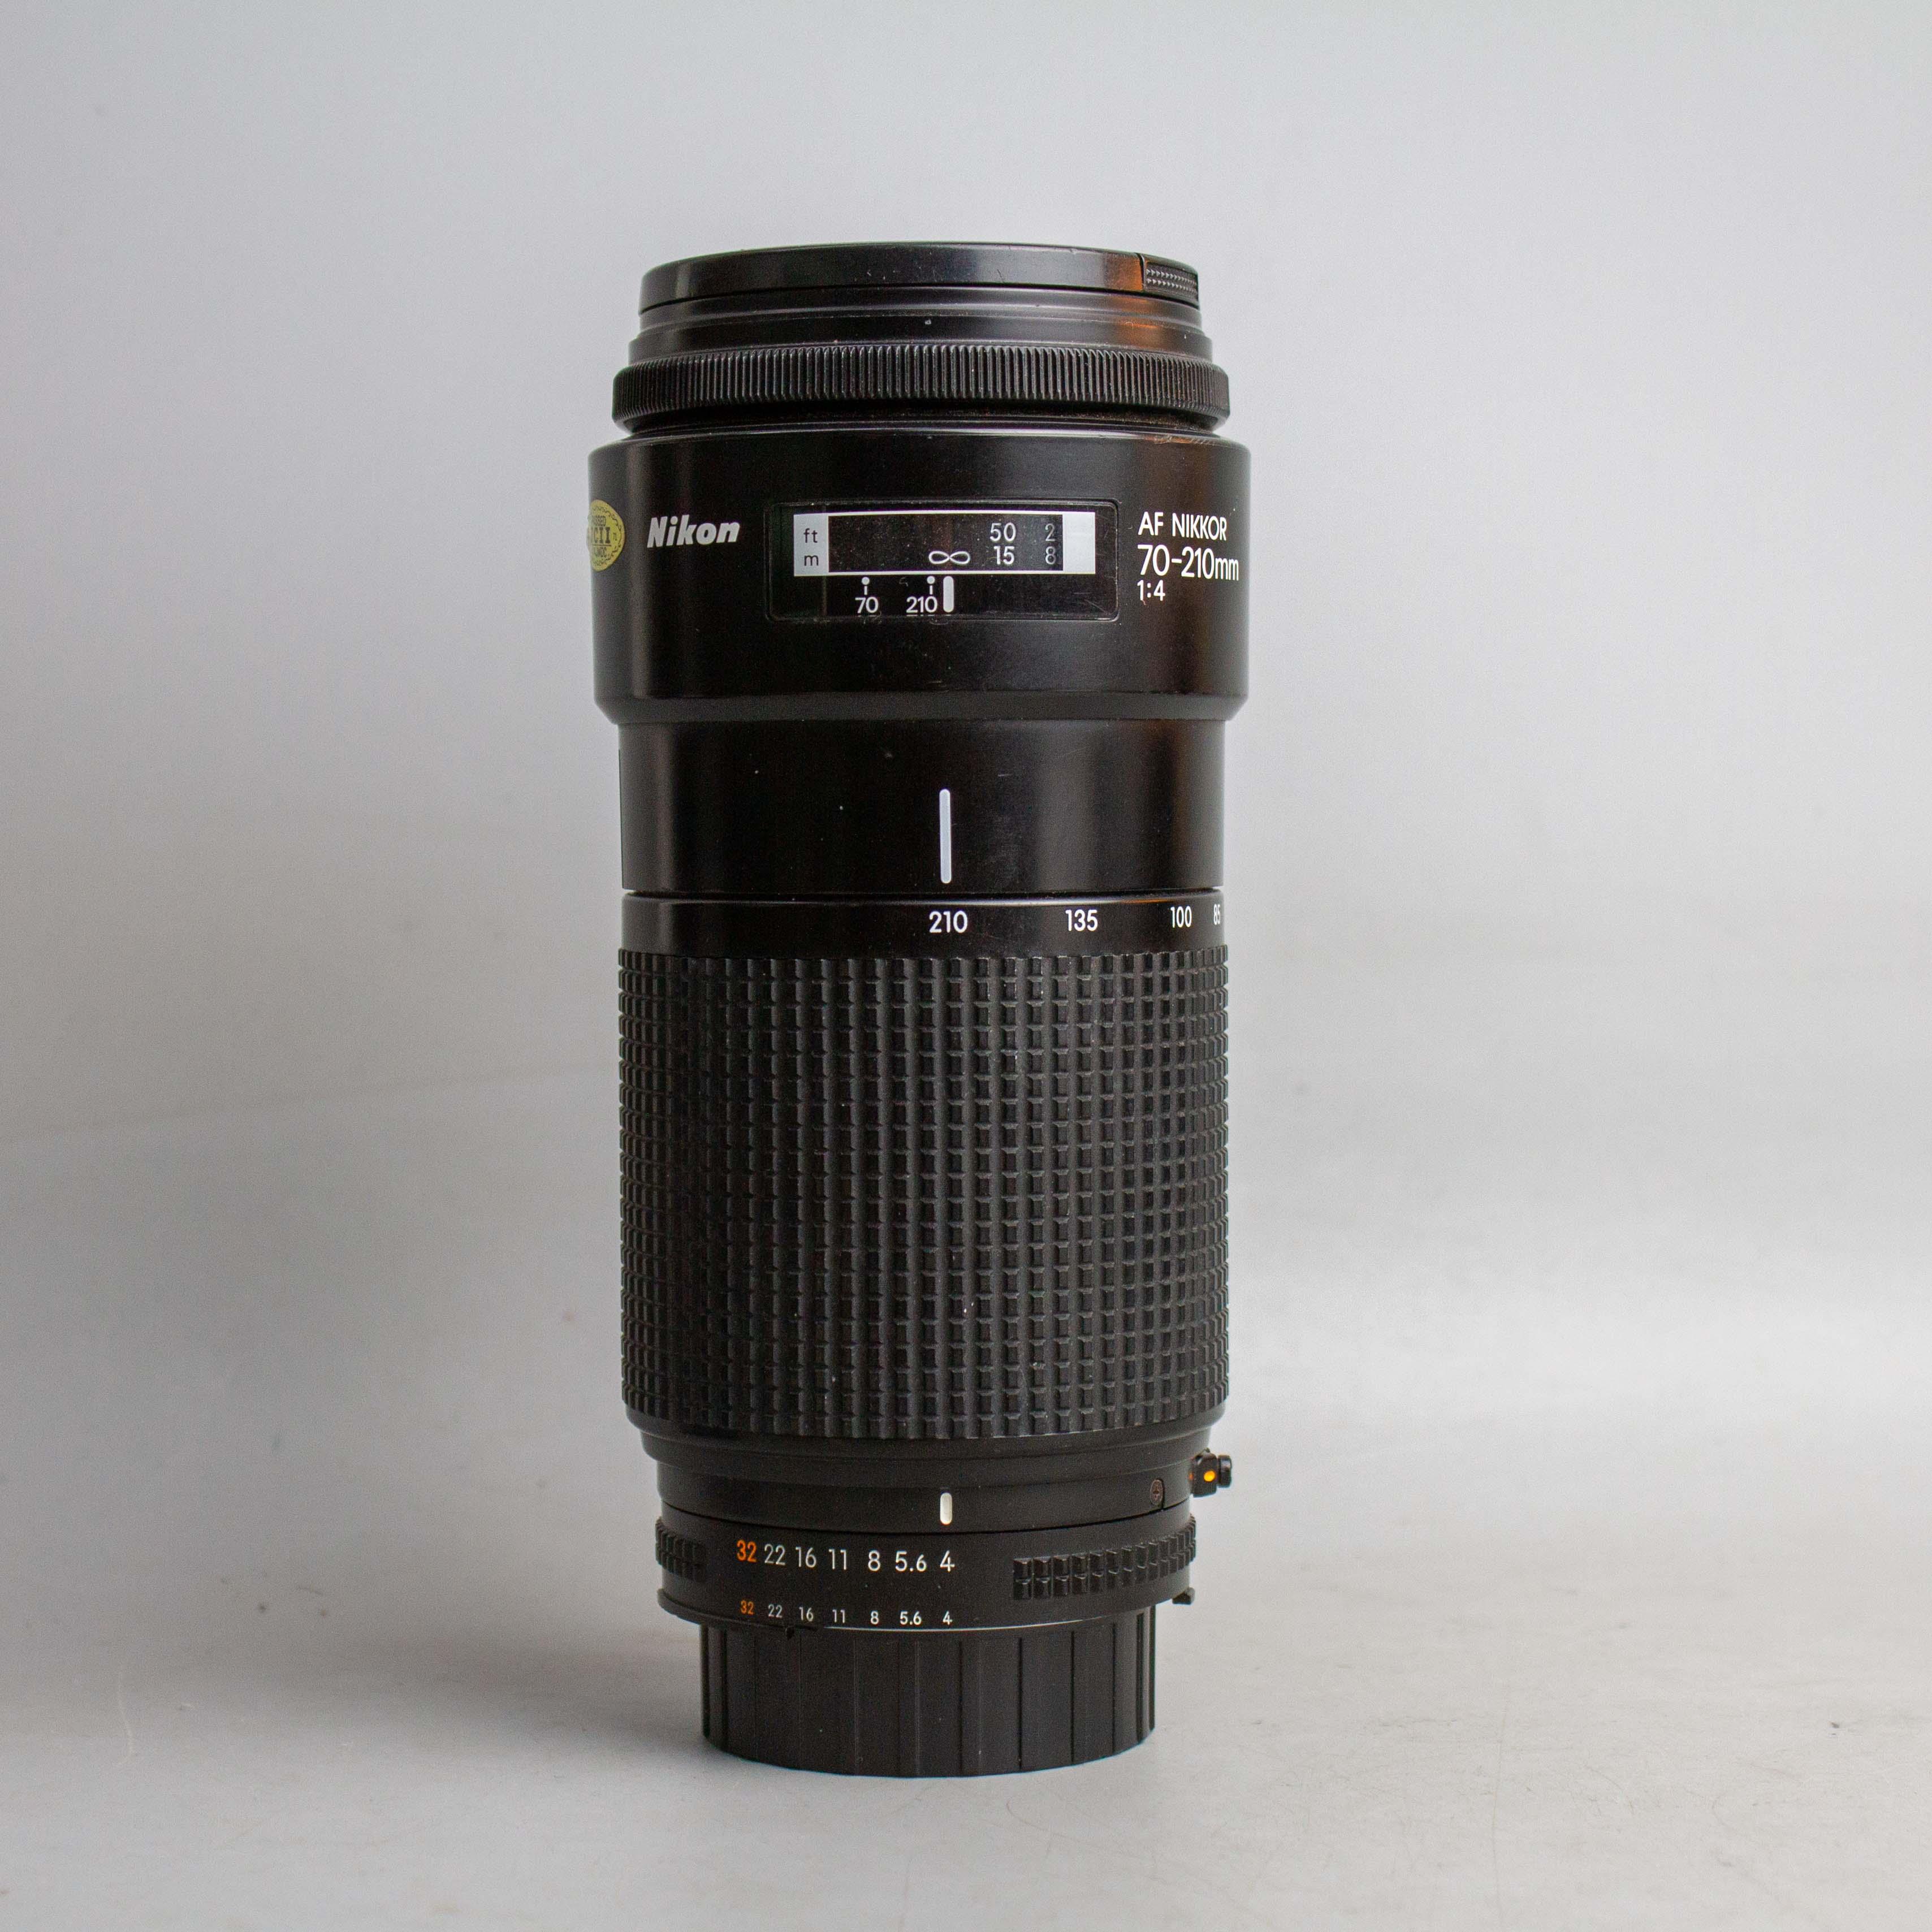 nikon-af-70-210mm-f4-70-210-4-17371